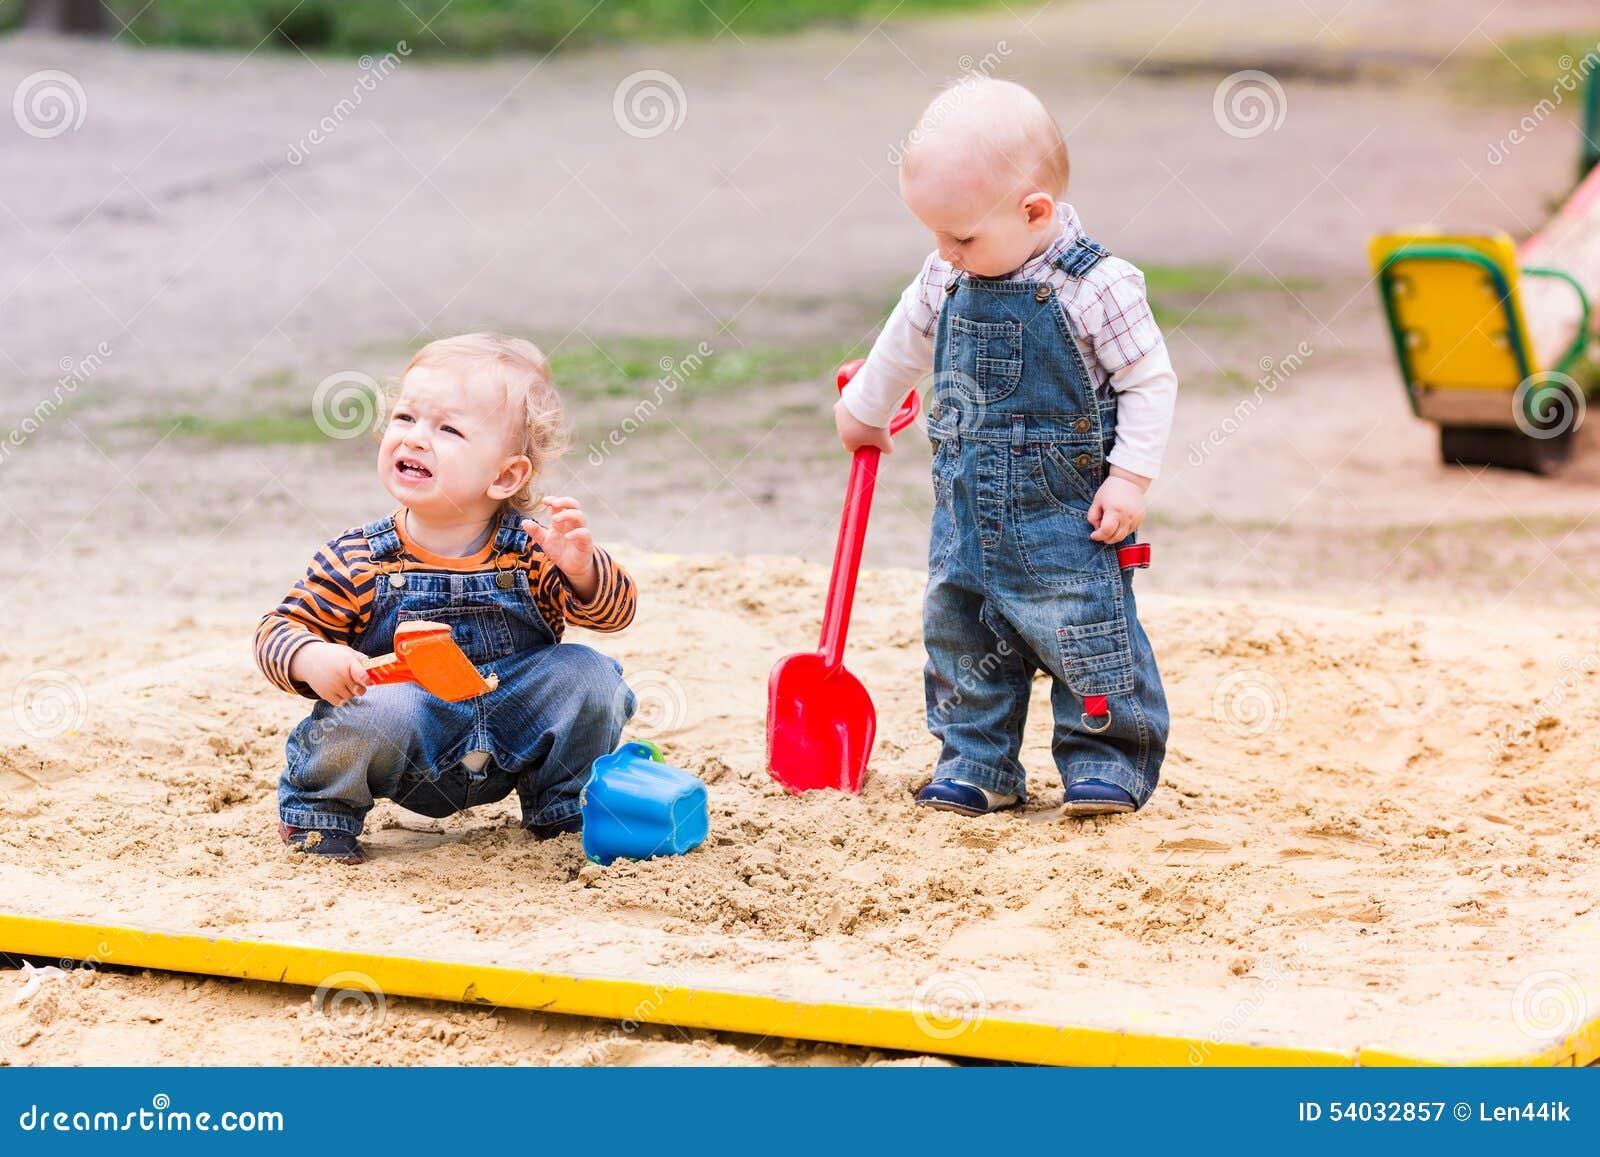 spiele mit sand